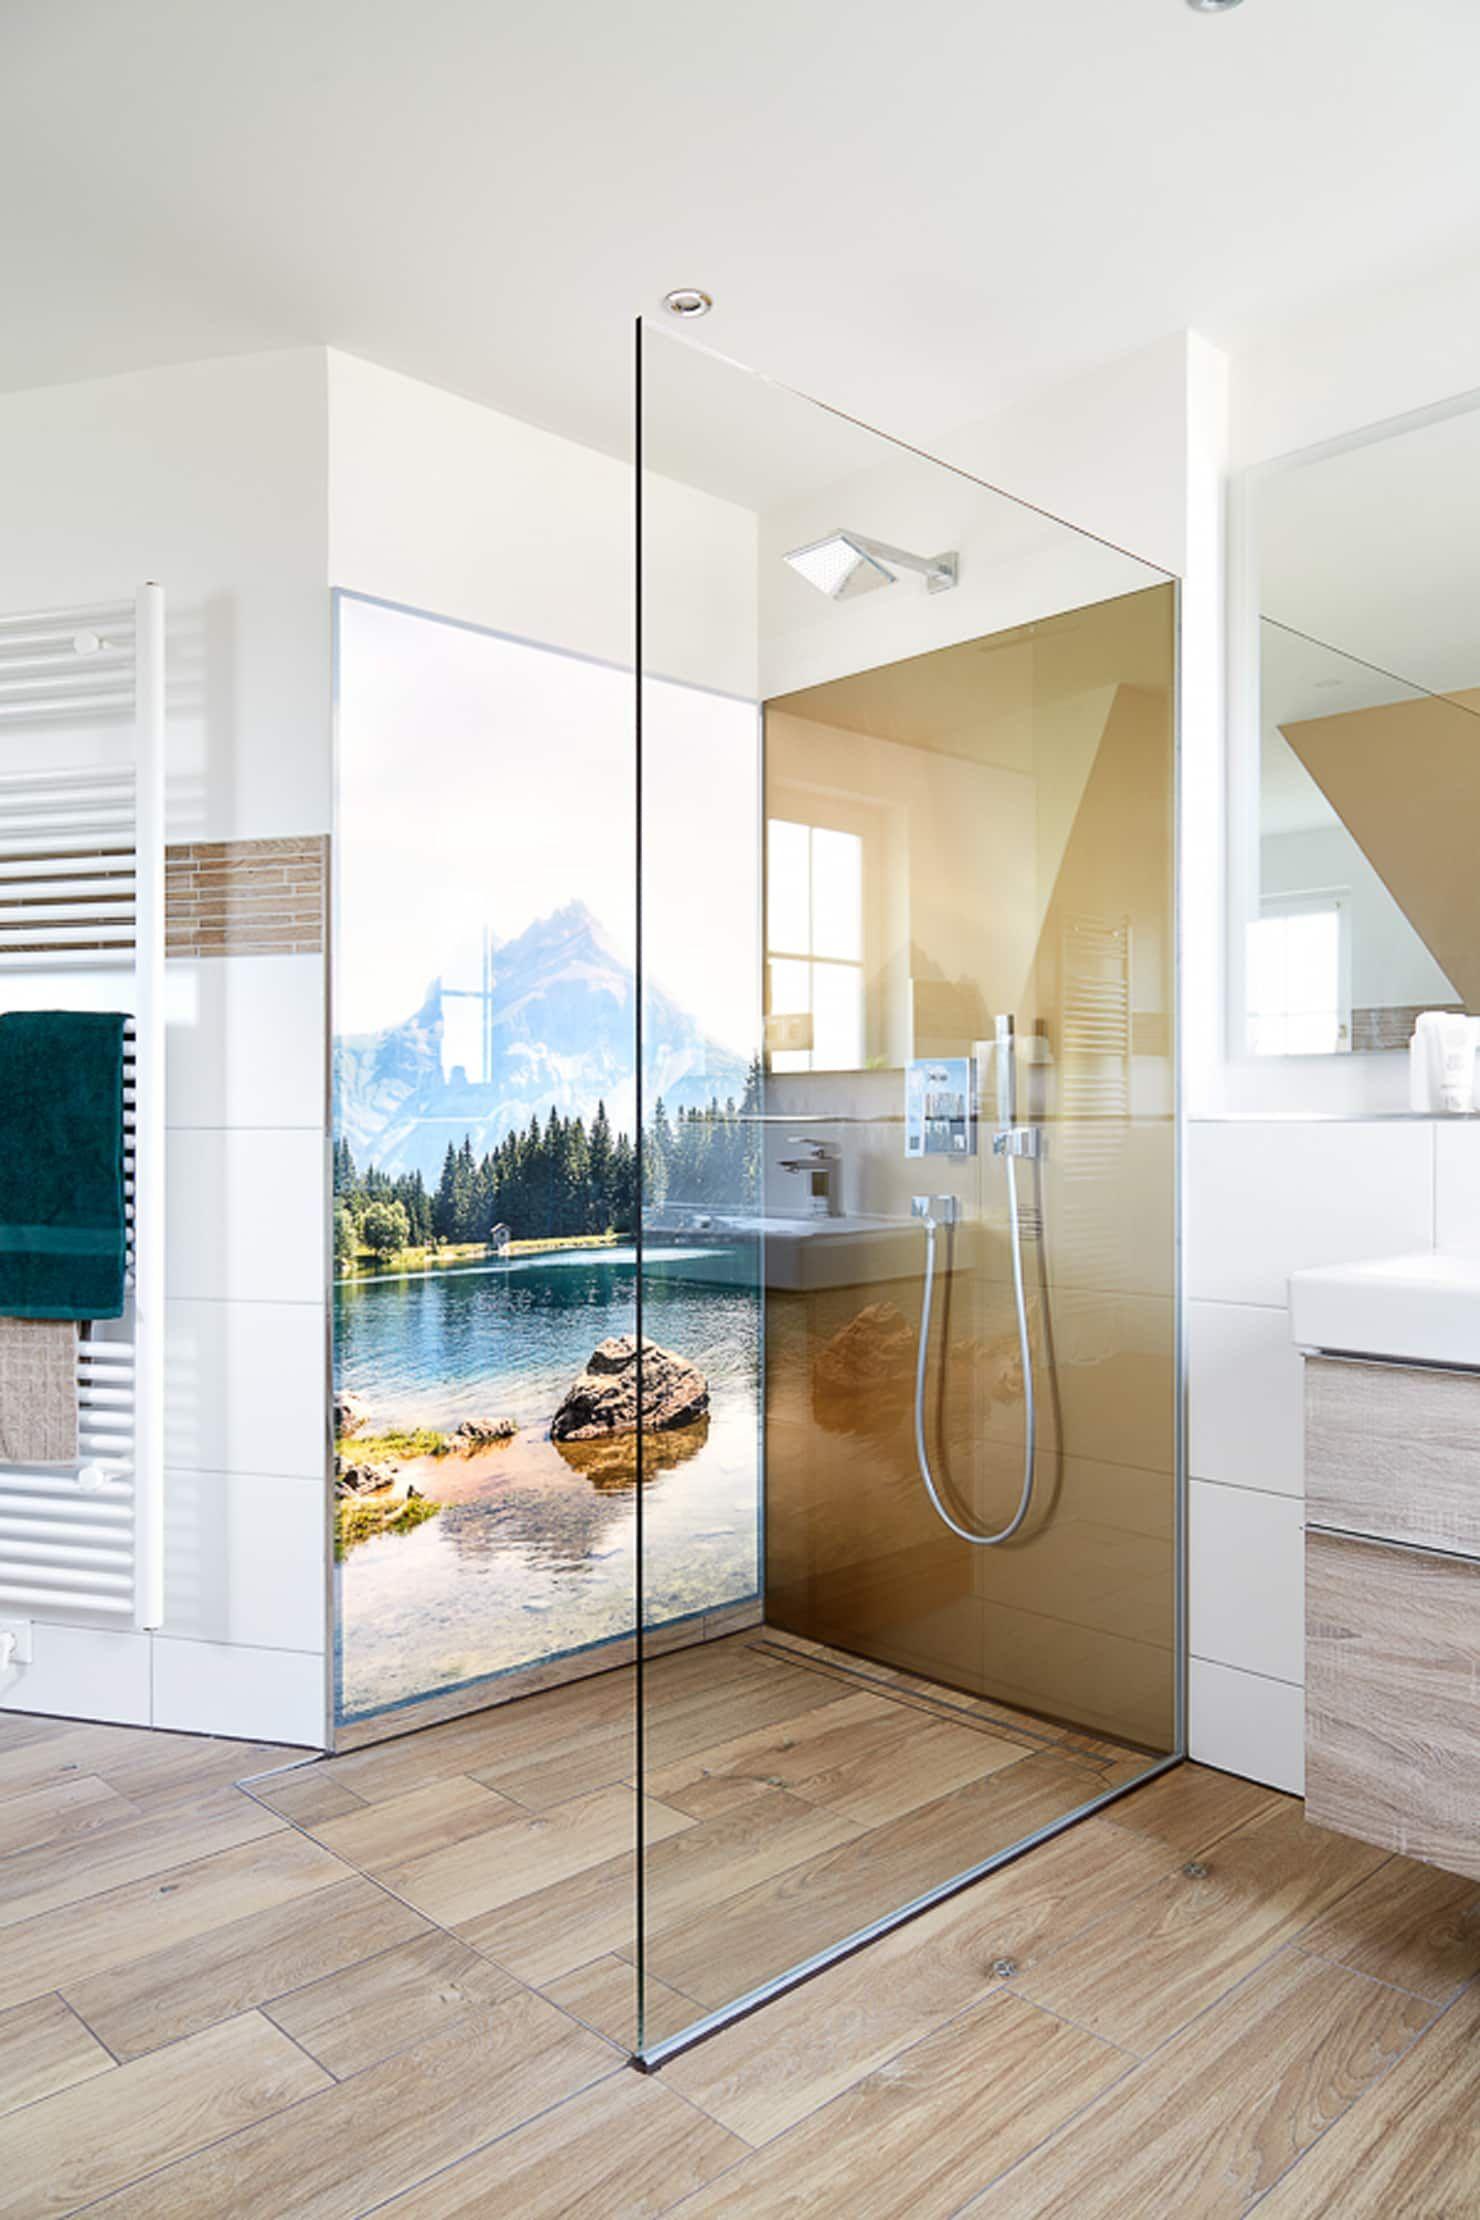 So Holen Sie Sich Die Natur Ins Badezimmer Moderne Badezimmer Von Banovo Gmbh Modern Holz Kunststoff Verbu Badezimmer Planen Badezimmer Badezimmer Bodenfliesen